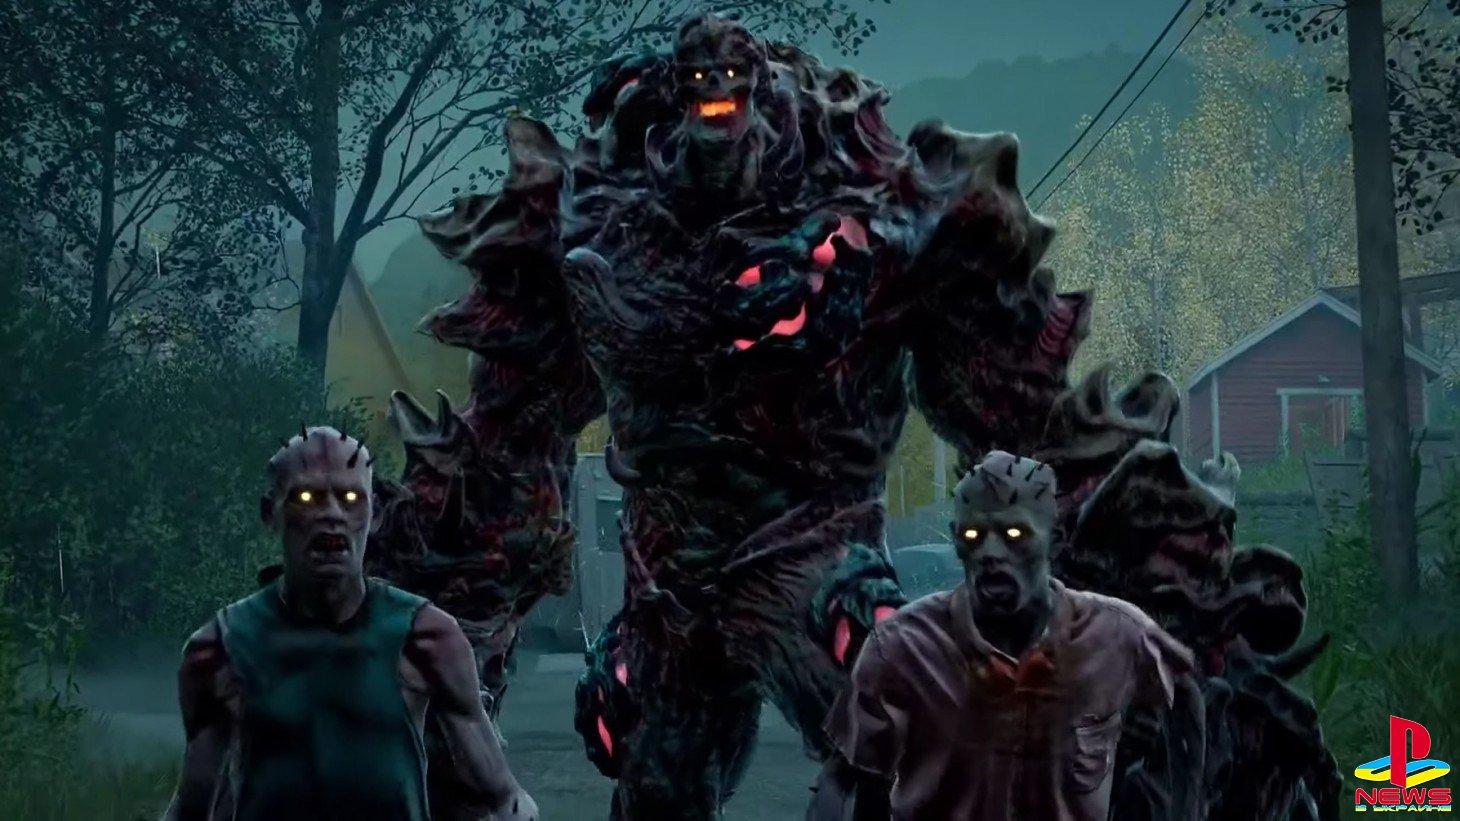 Игроки в Back 4 Blood услышали расистские выкрики у зомби